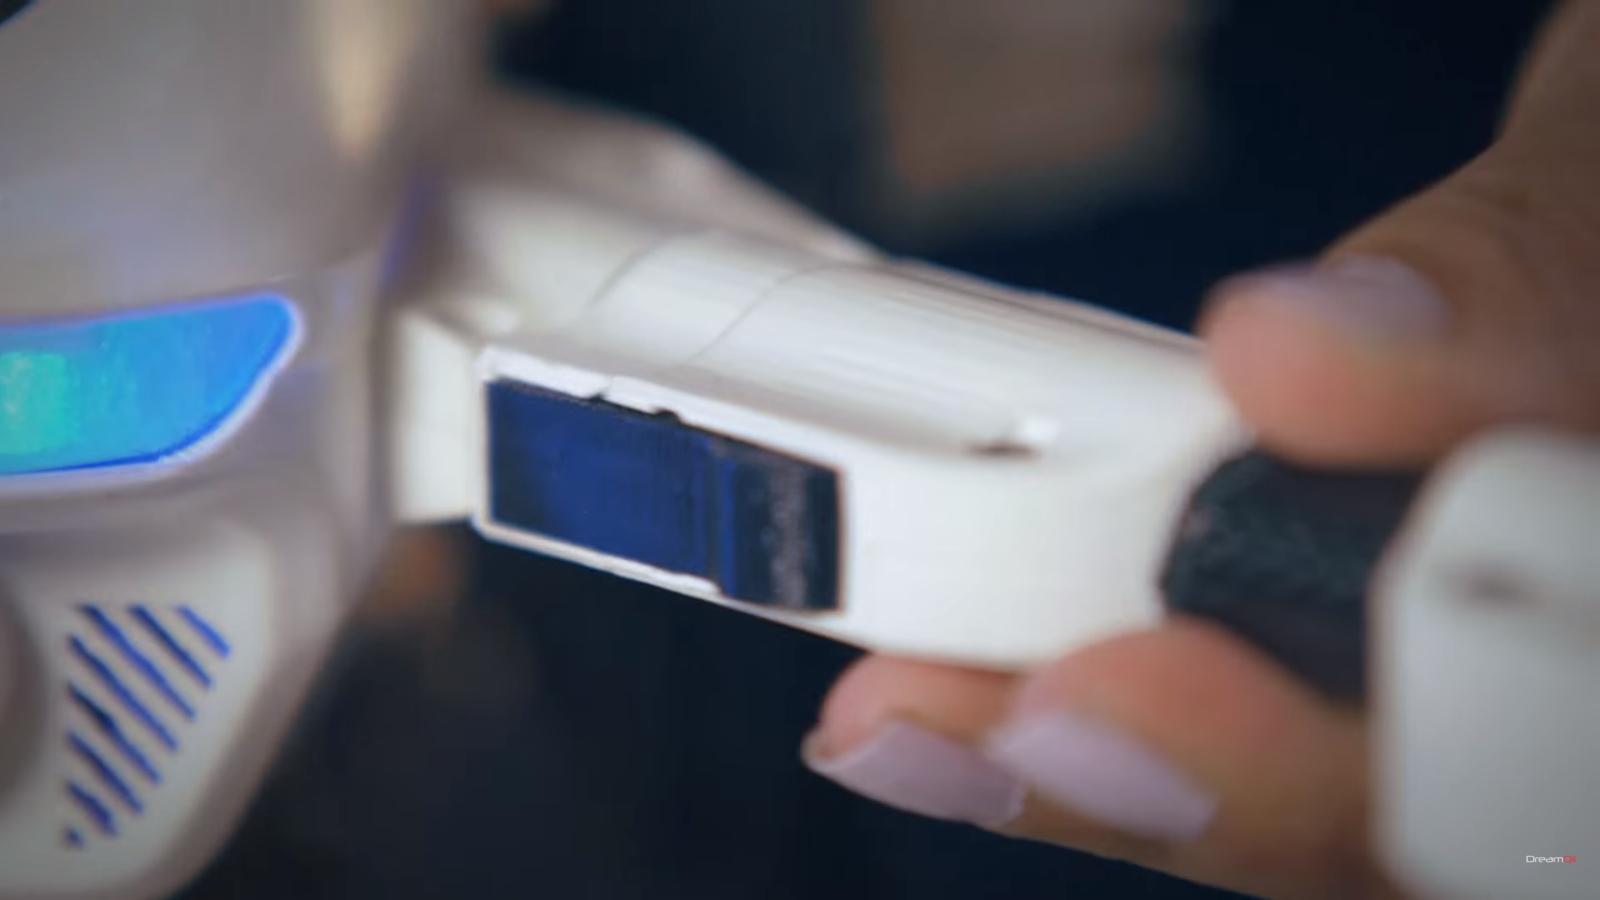 11 - PlexiDrone, Drone Portable yang Bisa Dirakit!